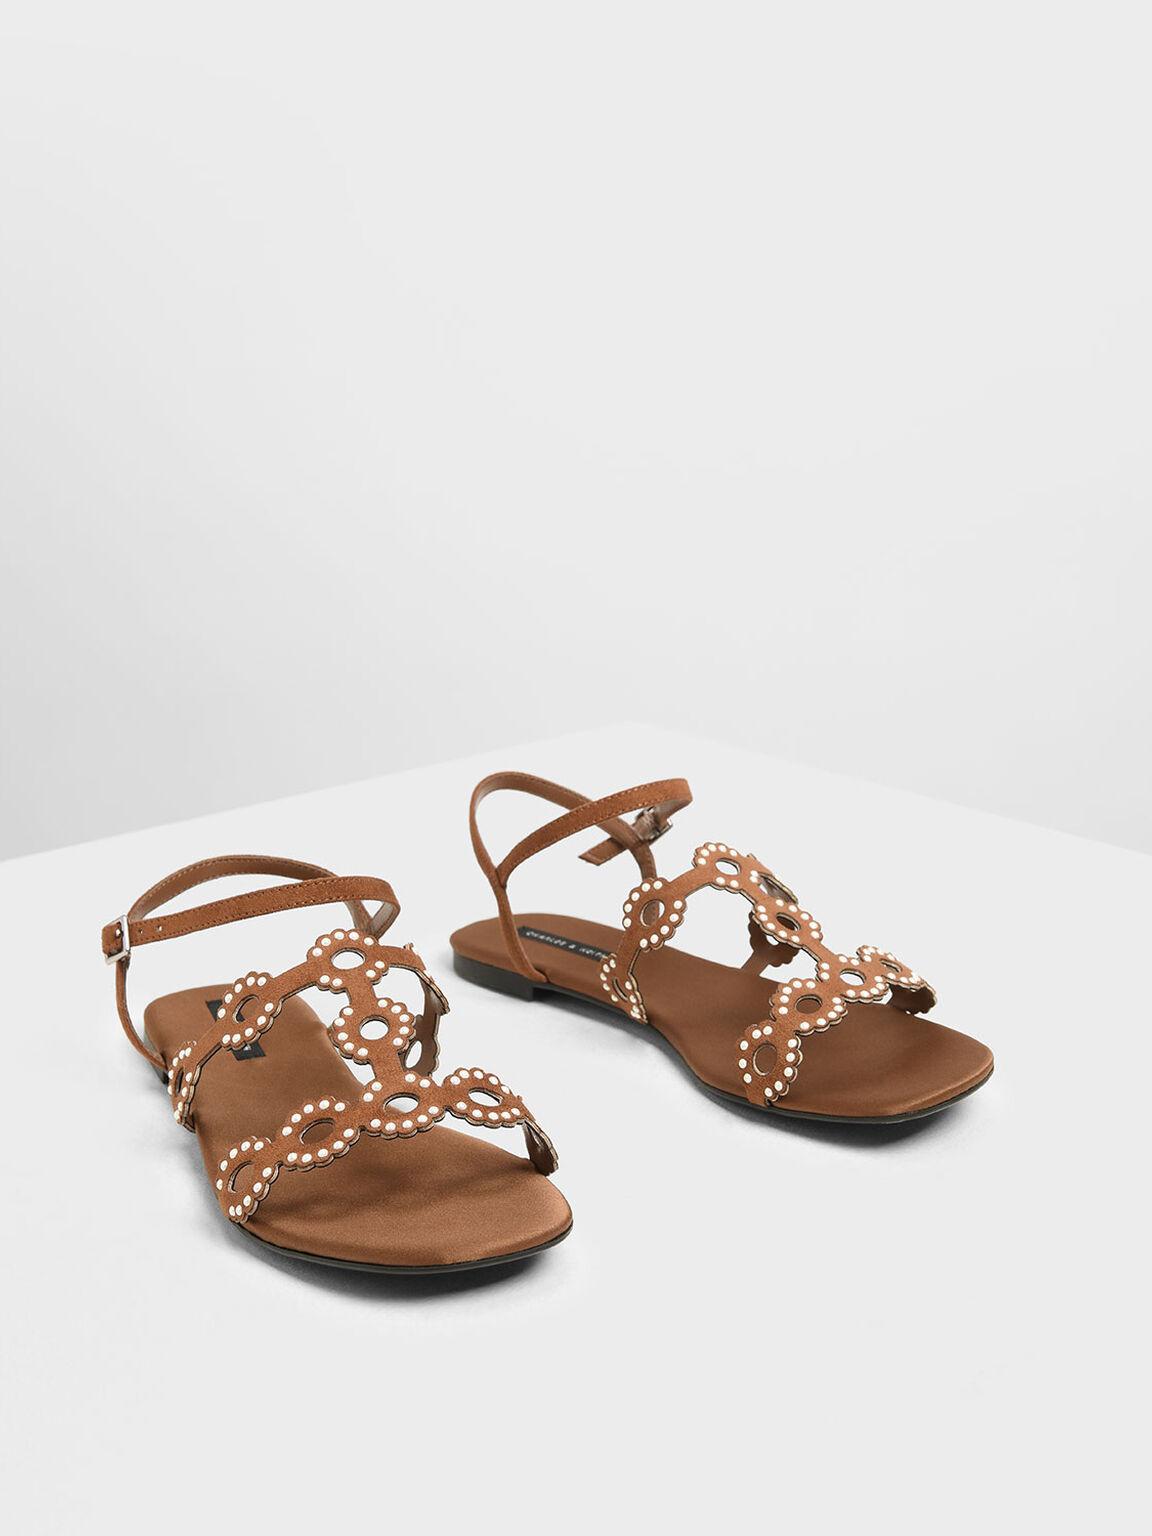 Cut-Out Embellished Sandals, Camel, hi-res